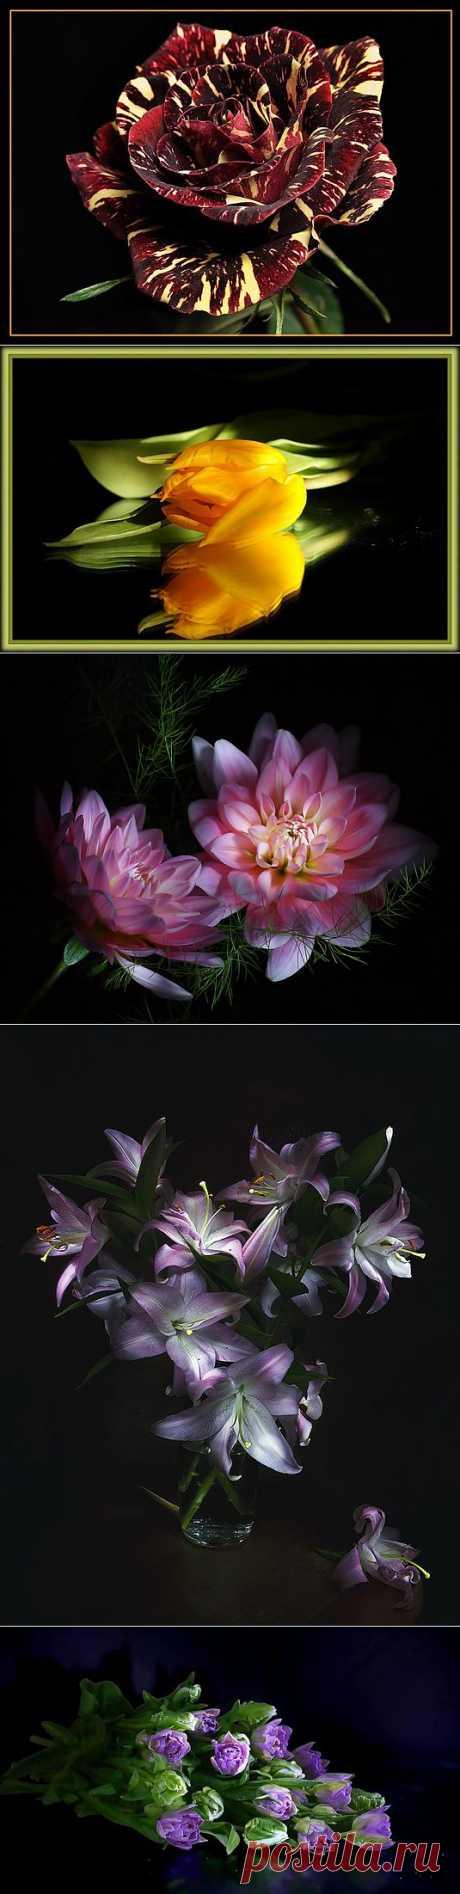 На лепестках цветов написано посланье Такою тонкою изысканною вязью. Читаю текст и слов благоуханье Мне сердце оплетает светлой бязью......